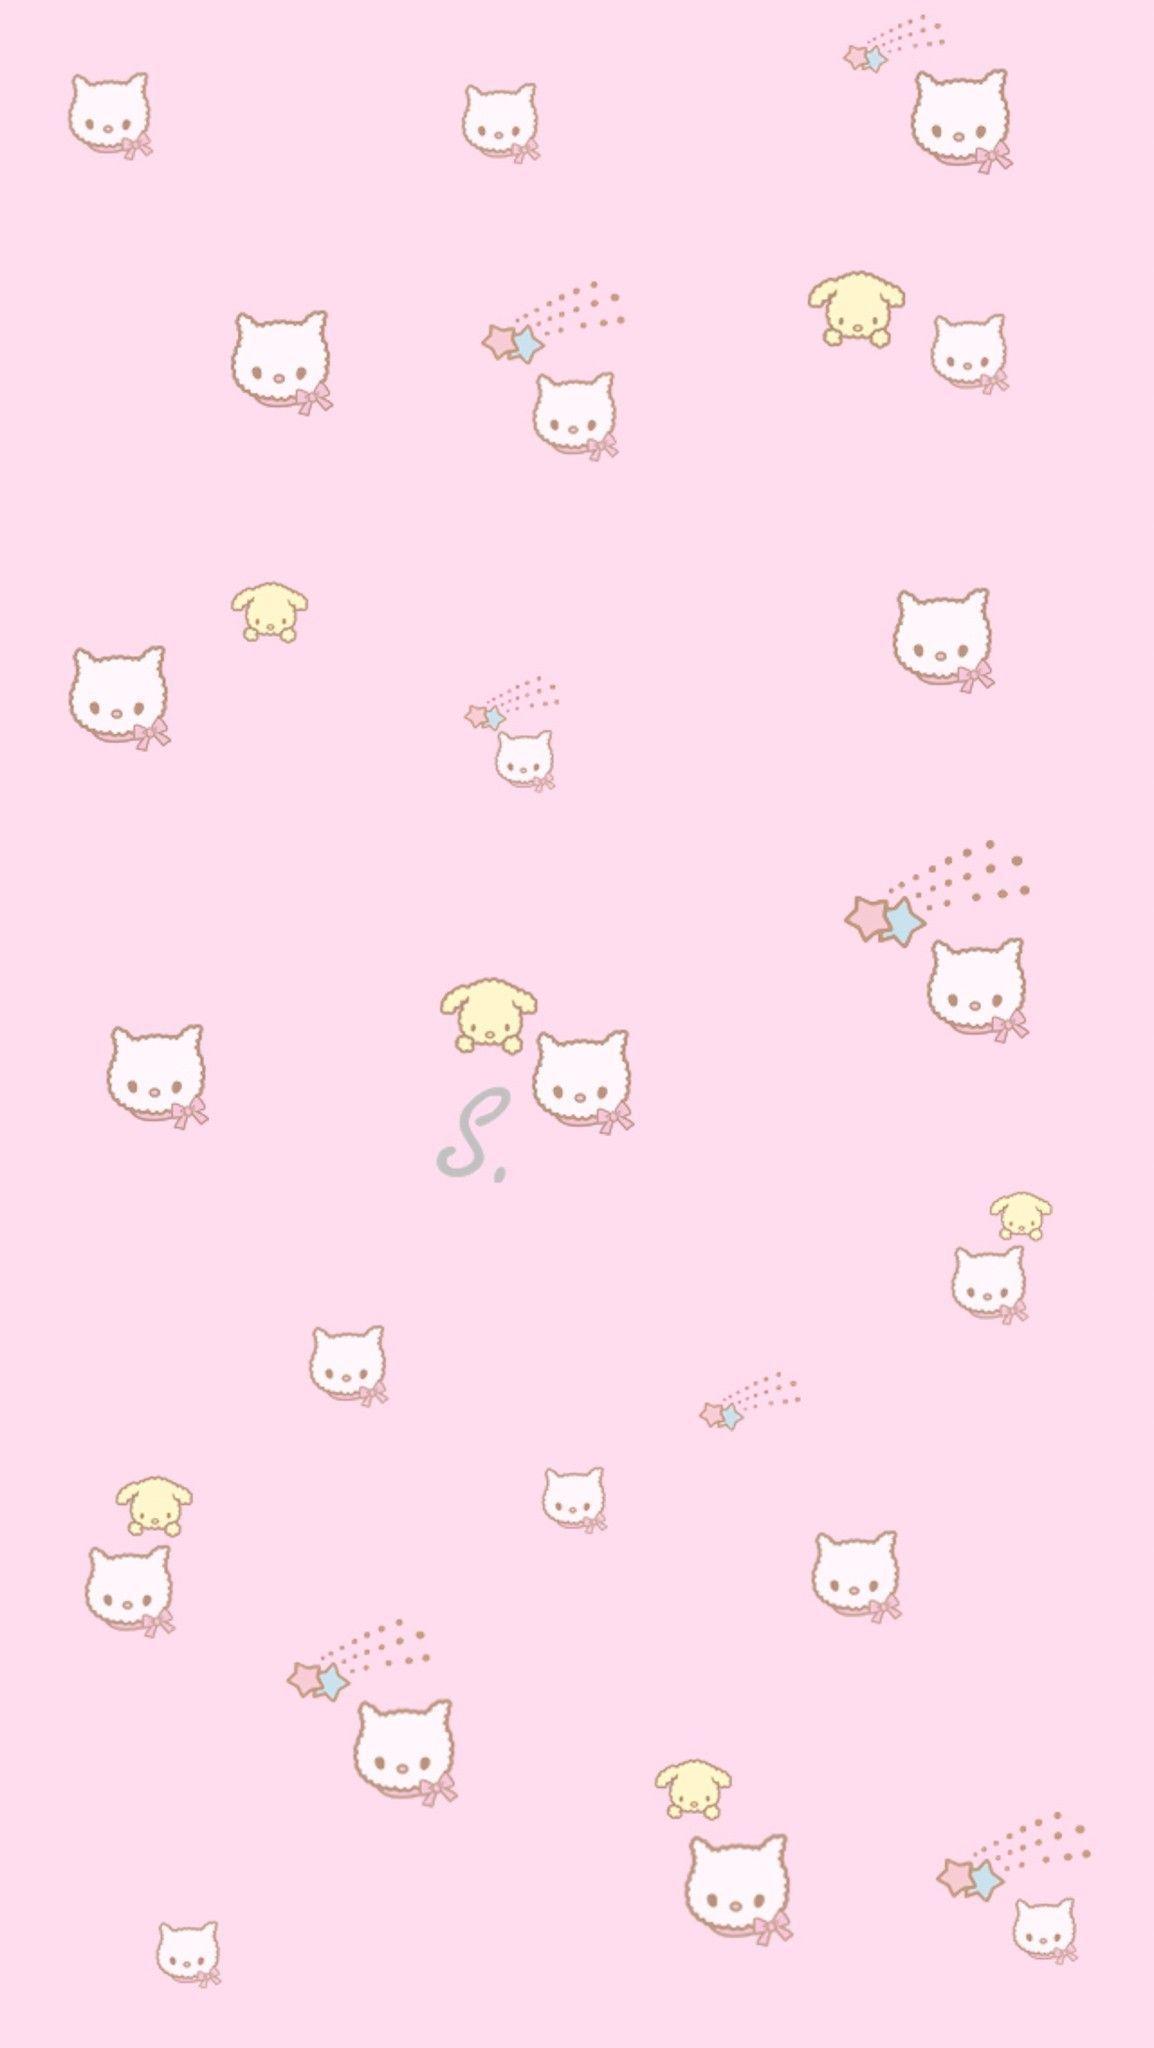 Cat Wallpaper Aesthetic Pink Cat Wallpaper Aesthetic In 2020 Simplistic Wallpaper Cute Patterns Wallpaper Kawaii Wallpaper